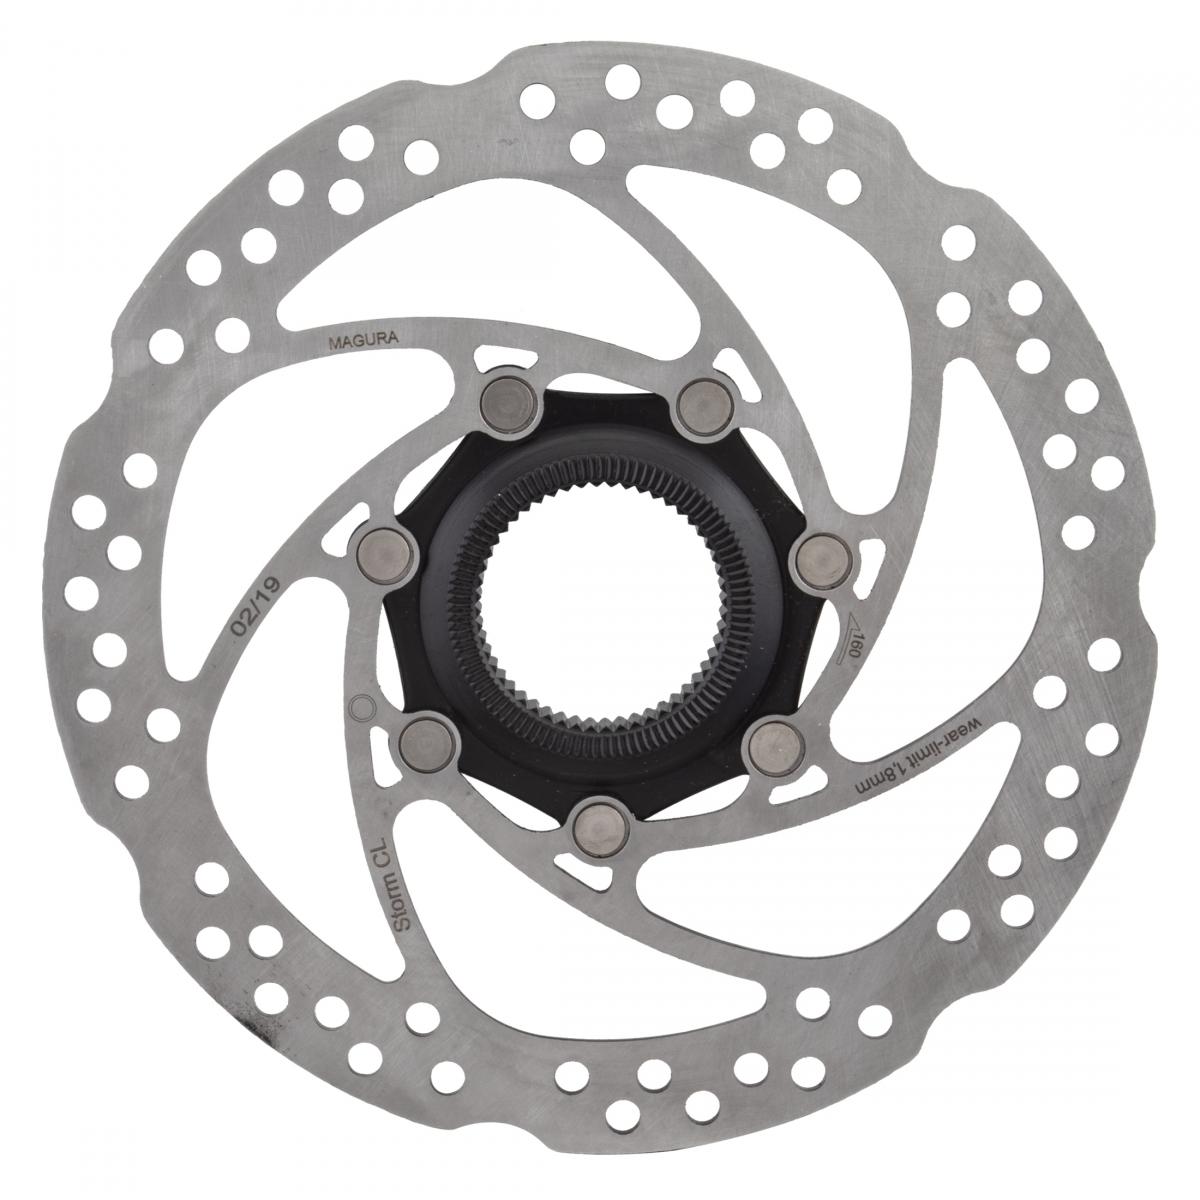 FSA Brake Part Disc Rotor 140 K-Force 2Pc